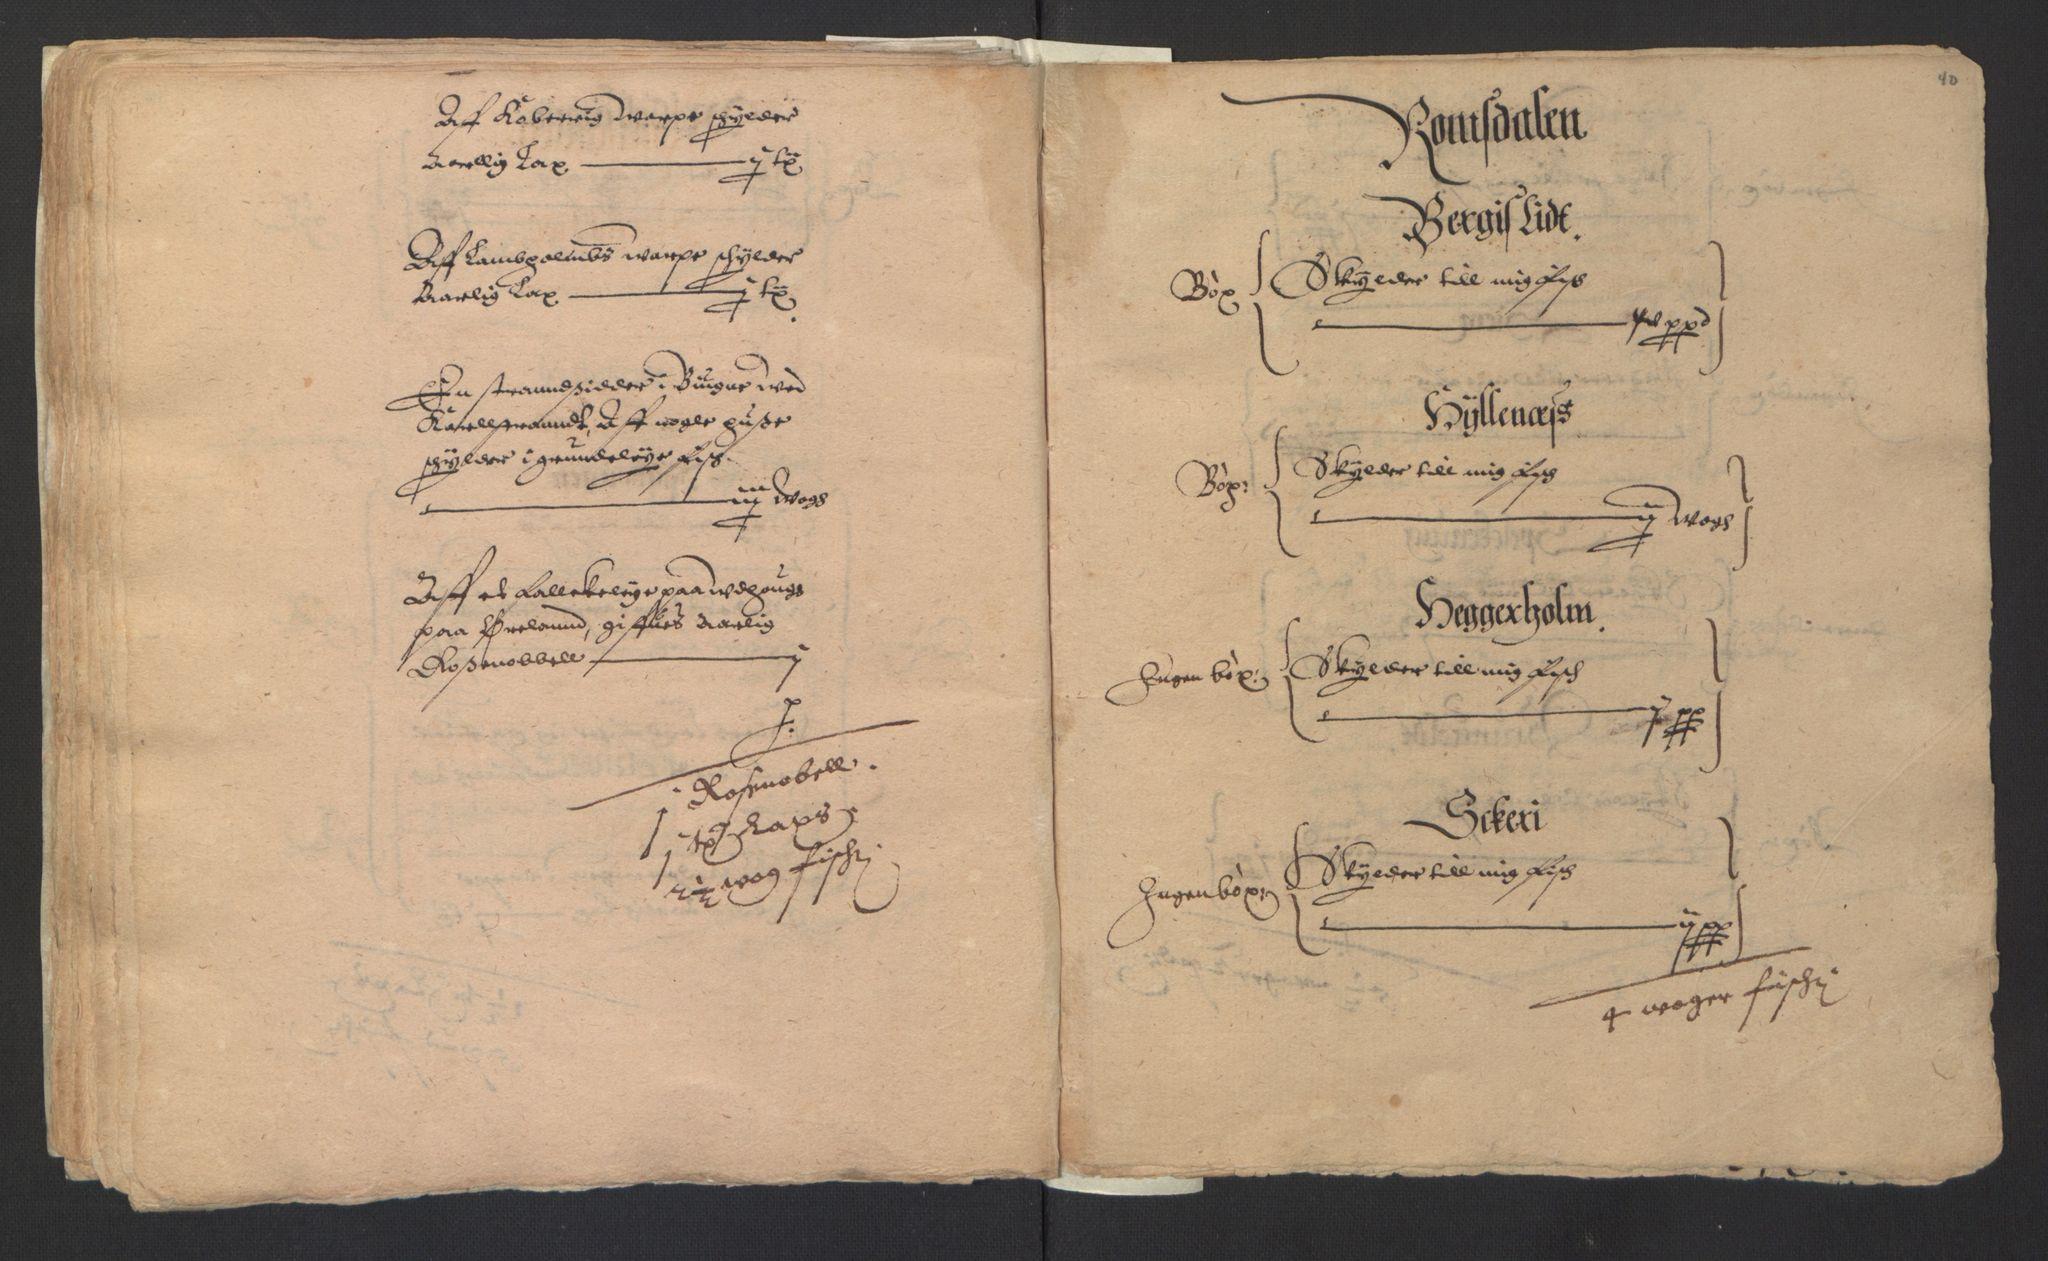 RA, Stattholderembetet 1572-1771, Ek/L0007: Jordebøker til utlikning av rosstjeneste 1624-1626:, 1624-1625, s. 154